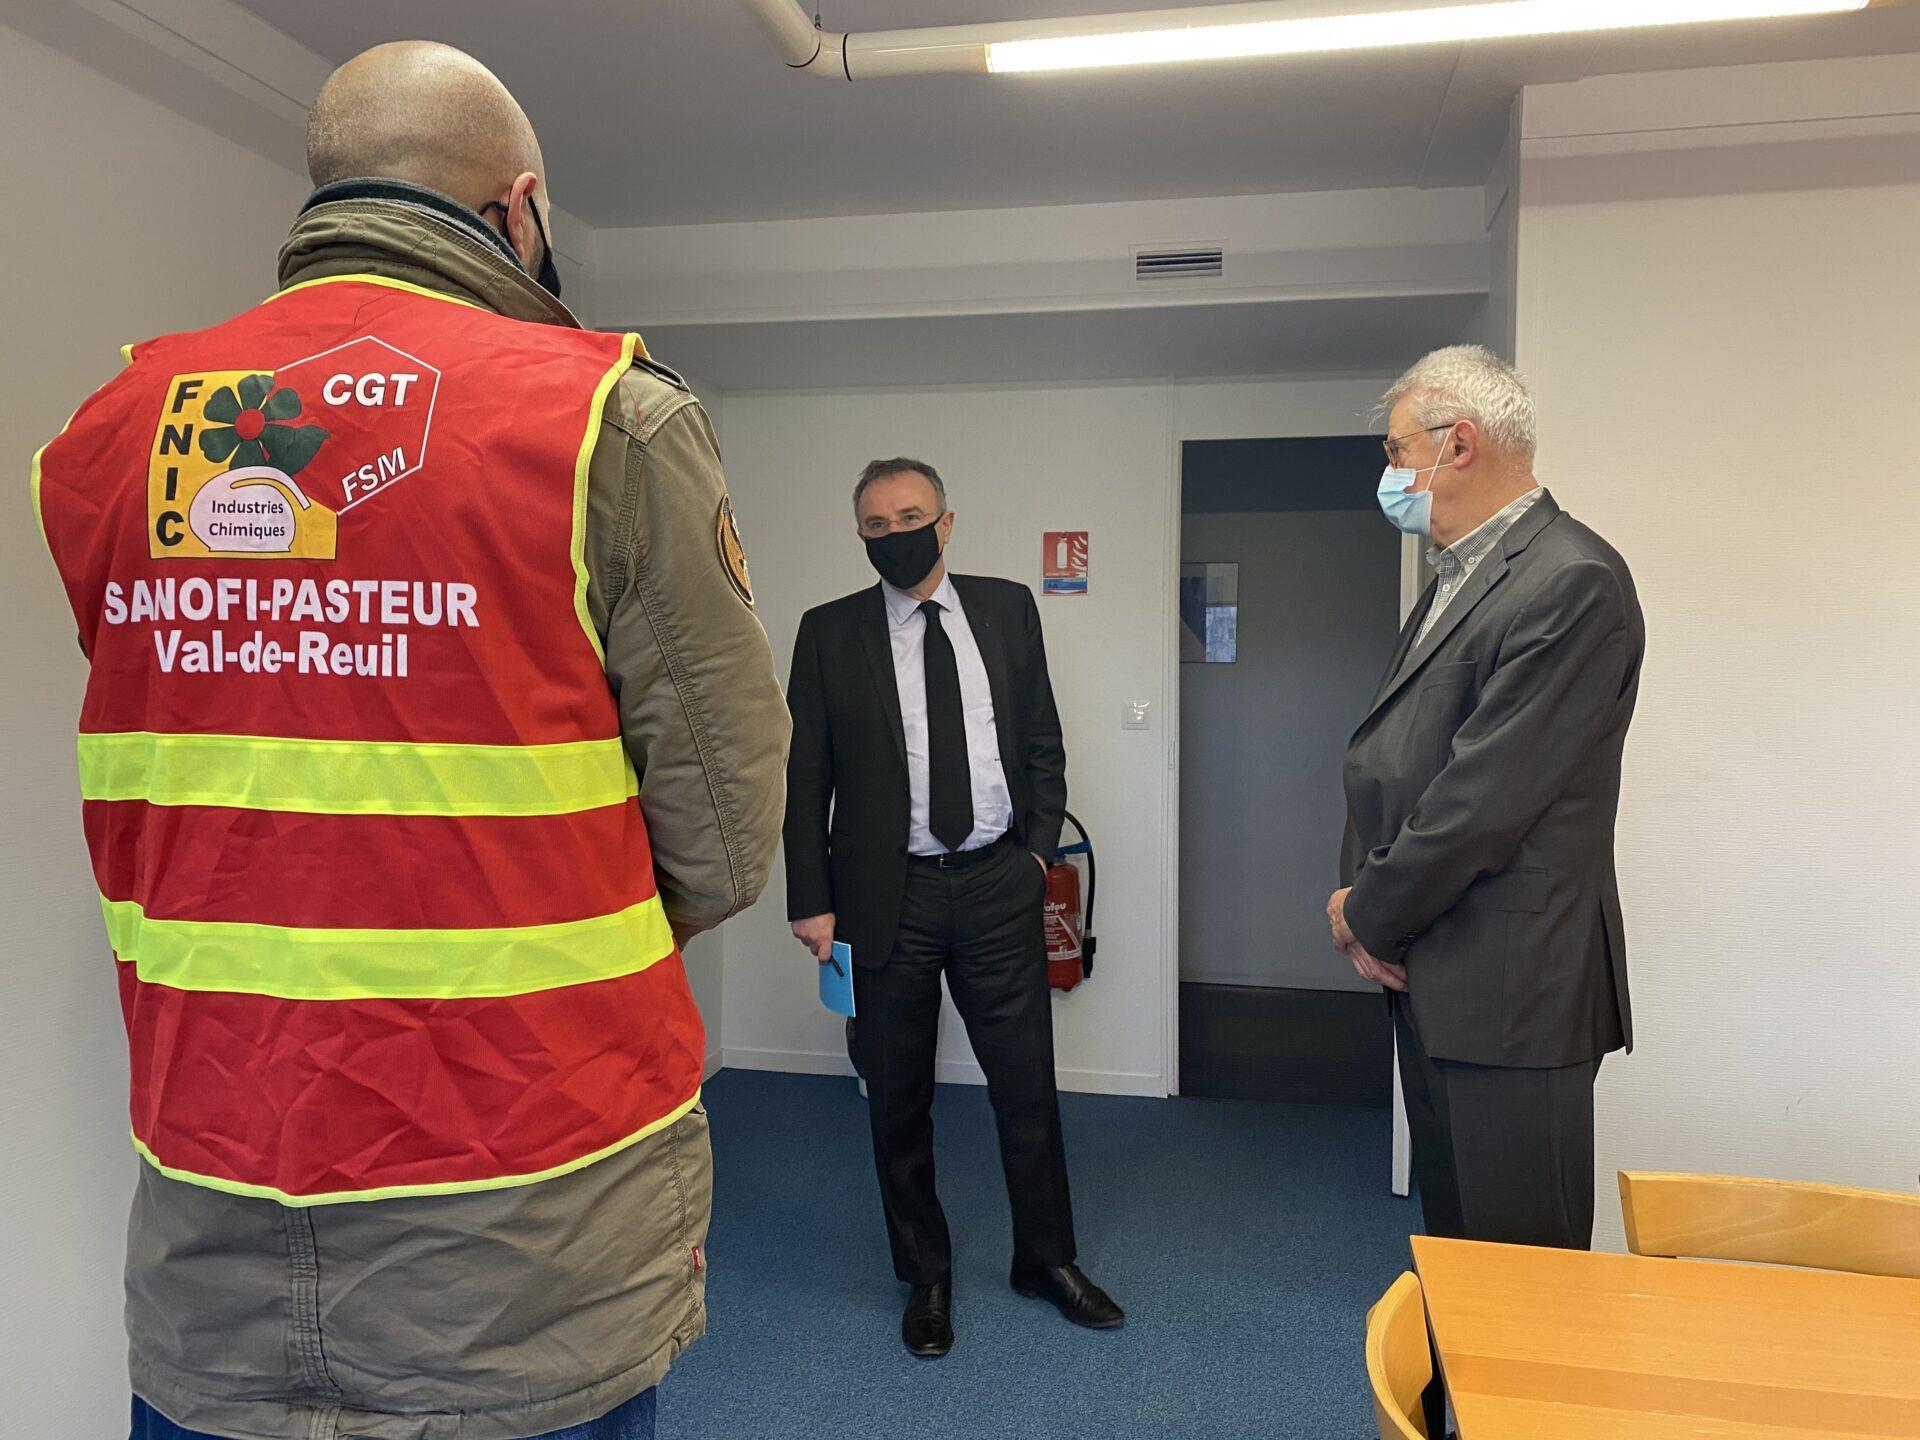 Communiqué : La Ville solidaire des salariés  du site de SANOFI de Val-de-Reuil